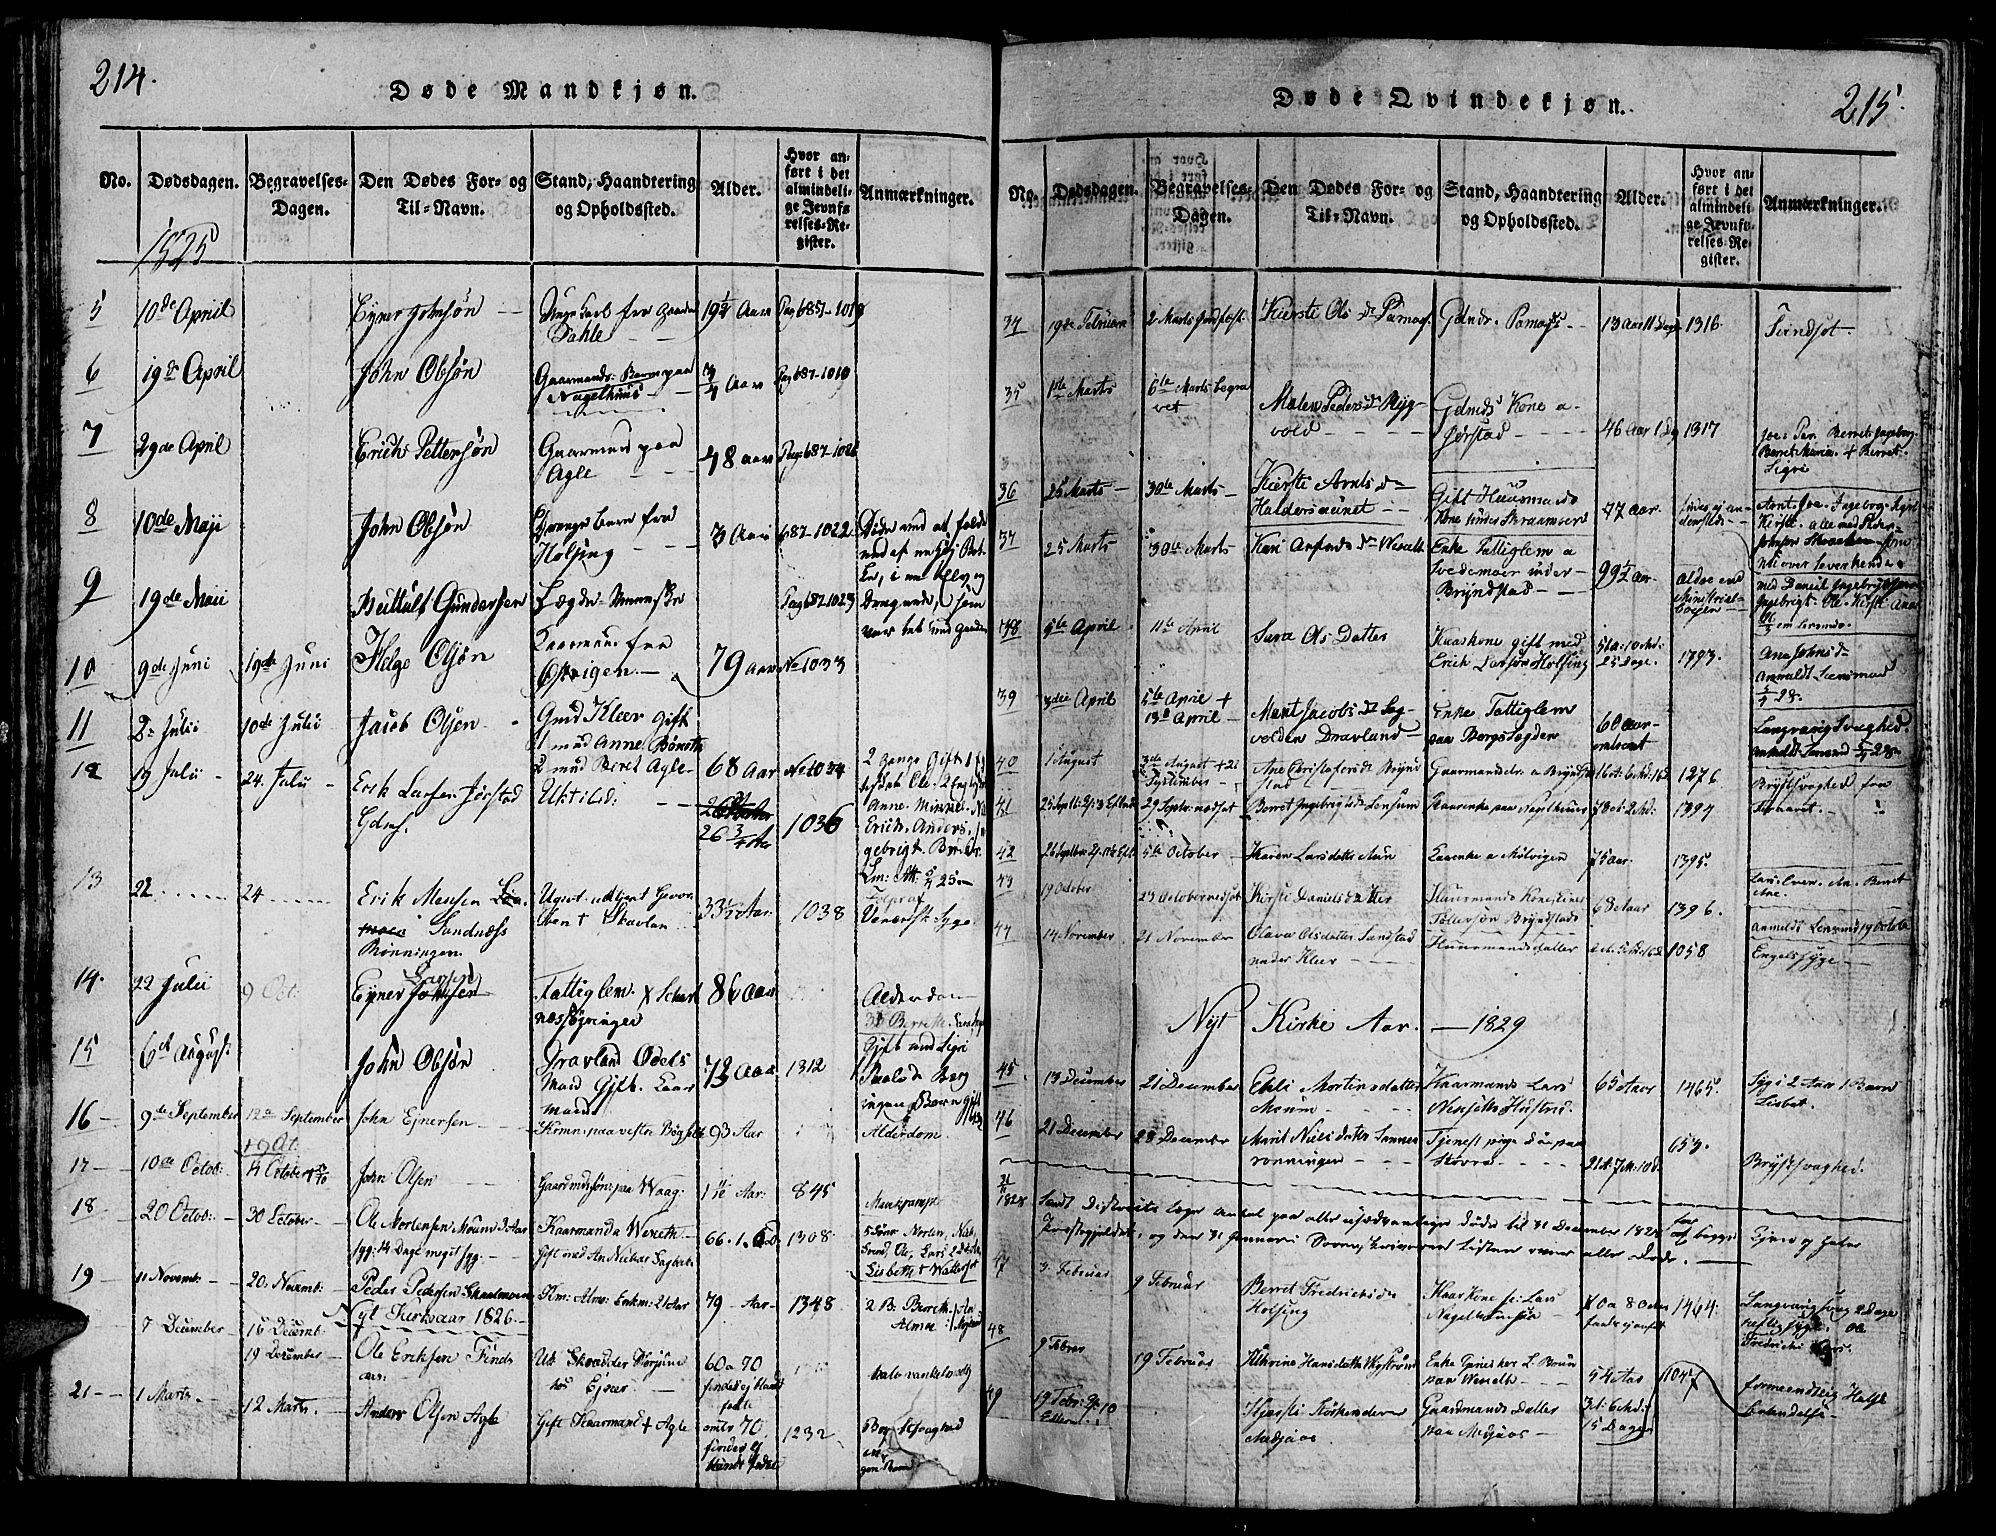 SAT, Ministerialprotokoller, klokkerbøker og fødselsregistre - Nord-Trøndelag, 749/L0479: Klokkerbok nr. 749C01, 1817-1829, s. 214-215